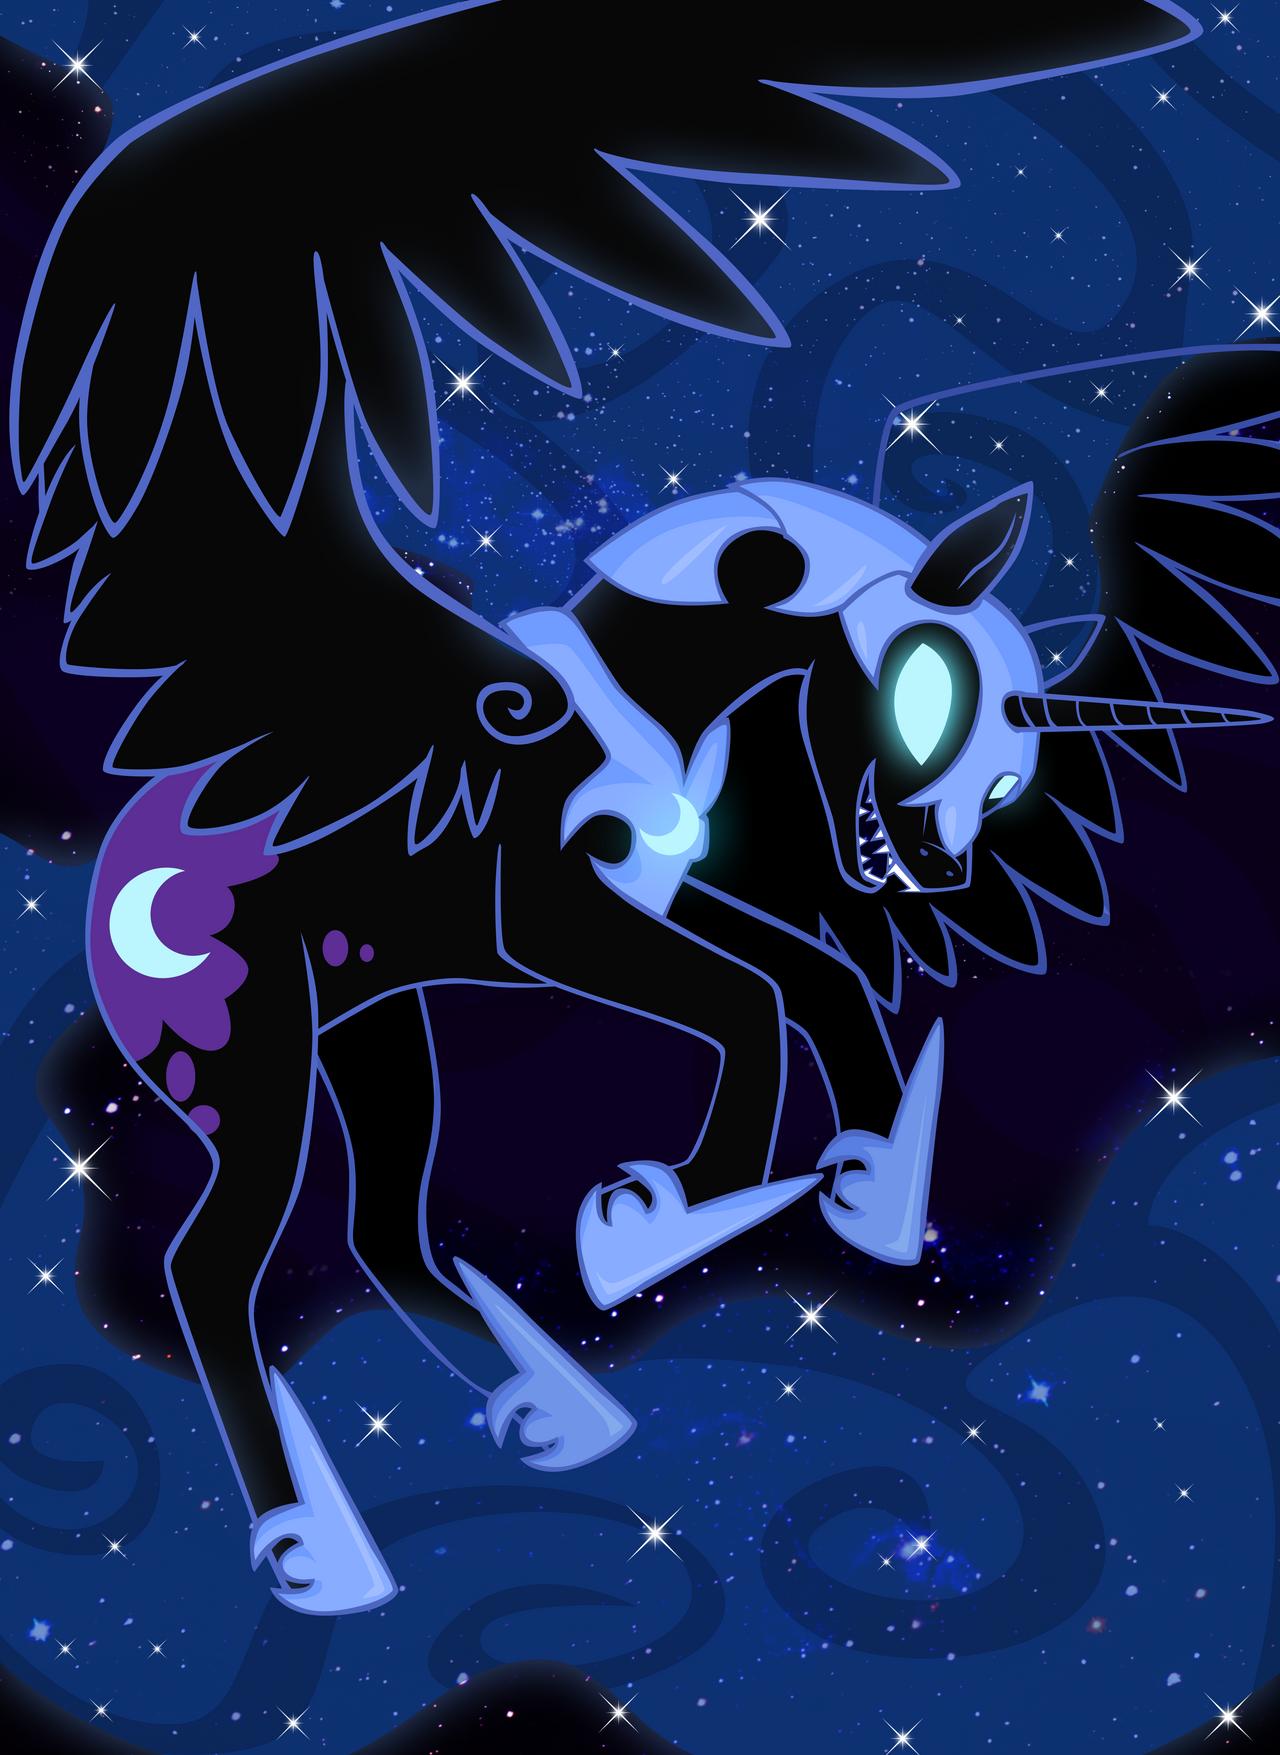 Nightmare Moon by ForeshadowART